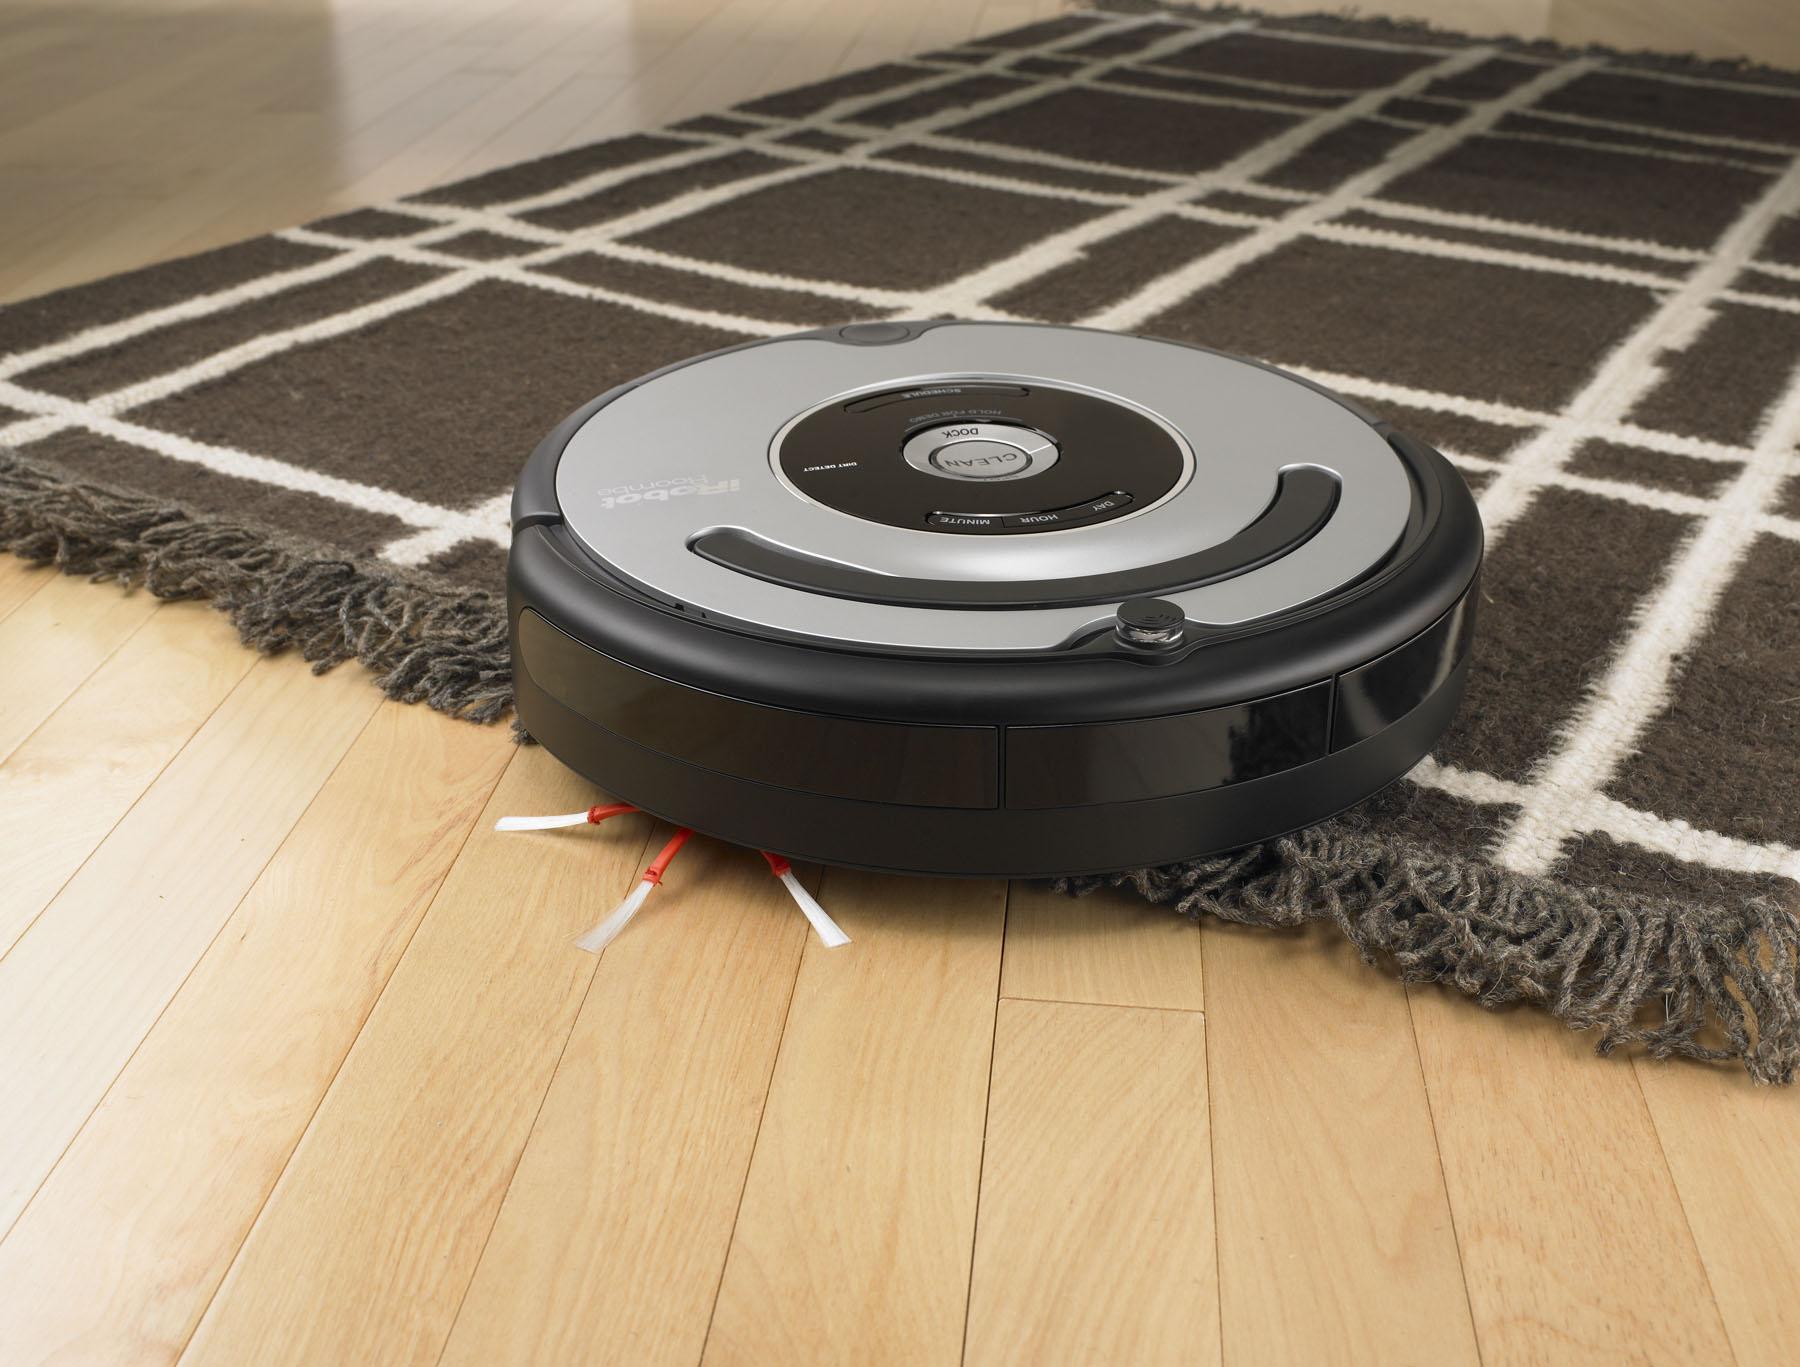 Irobot roomba l 39 aspirapolvere ti pulisce casa - Robot aspirapolvere folletto prezzo ...